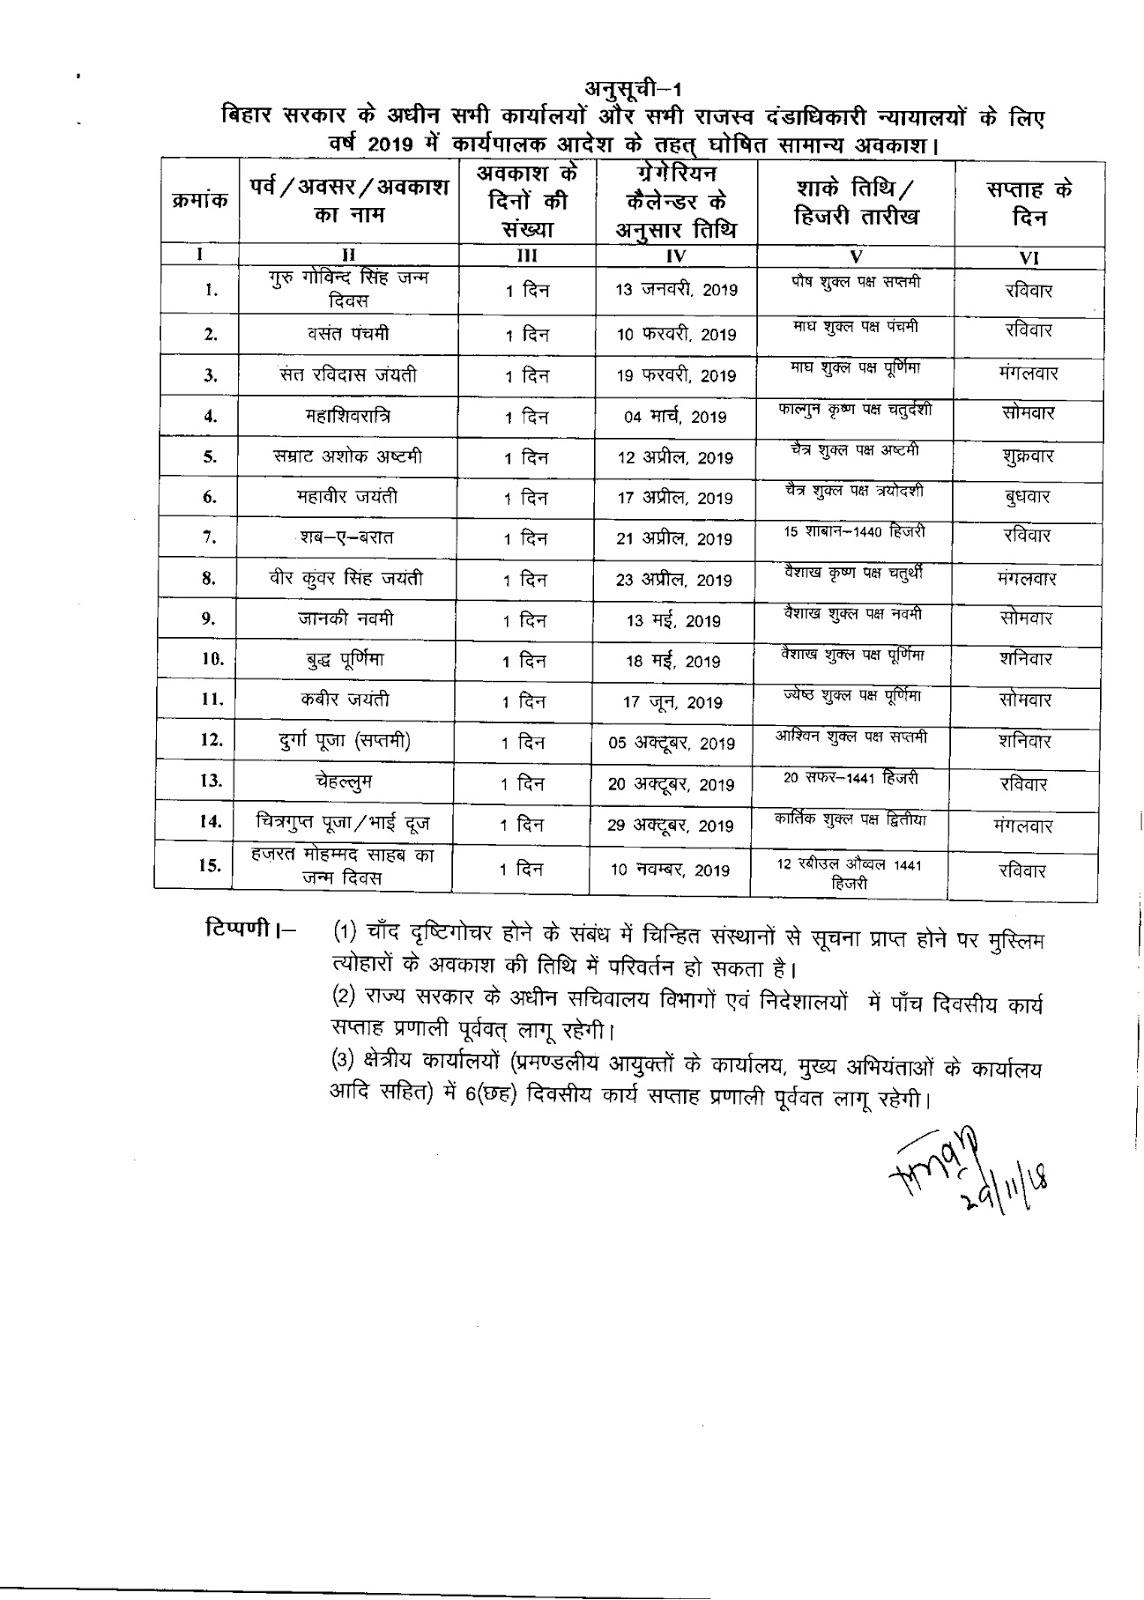 Bihar Sarkar Calendar 2019 | Holiday (Chutti) Calendar intended for Bihar Sarkar Holiday Calendar